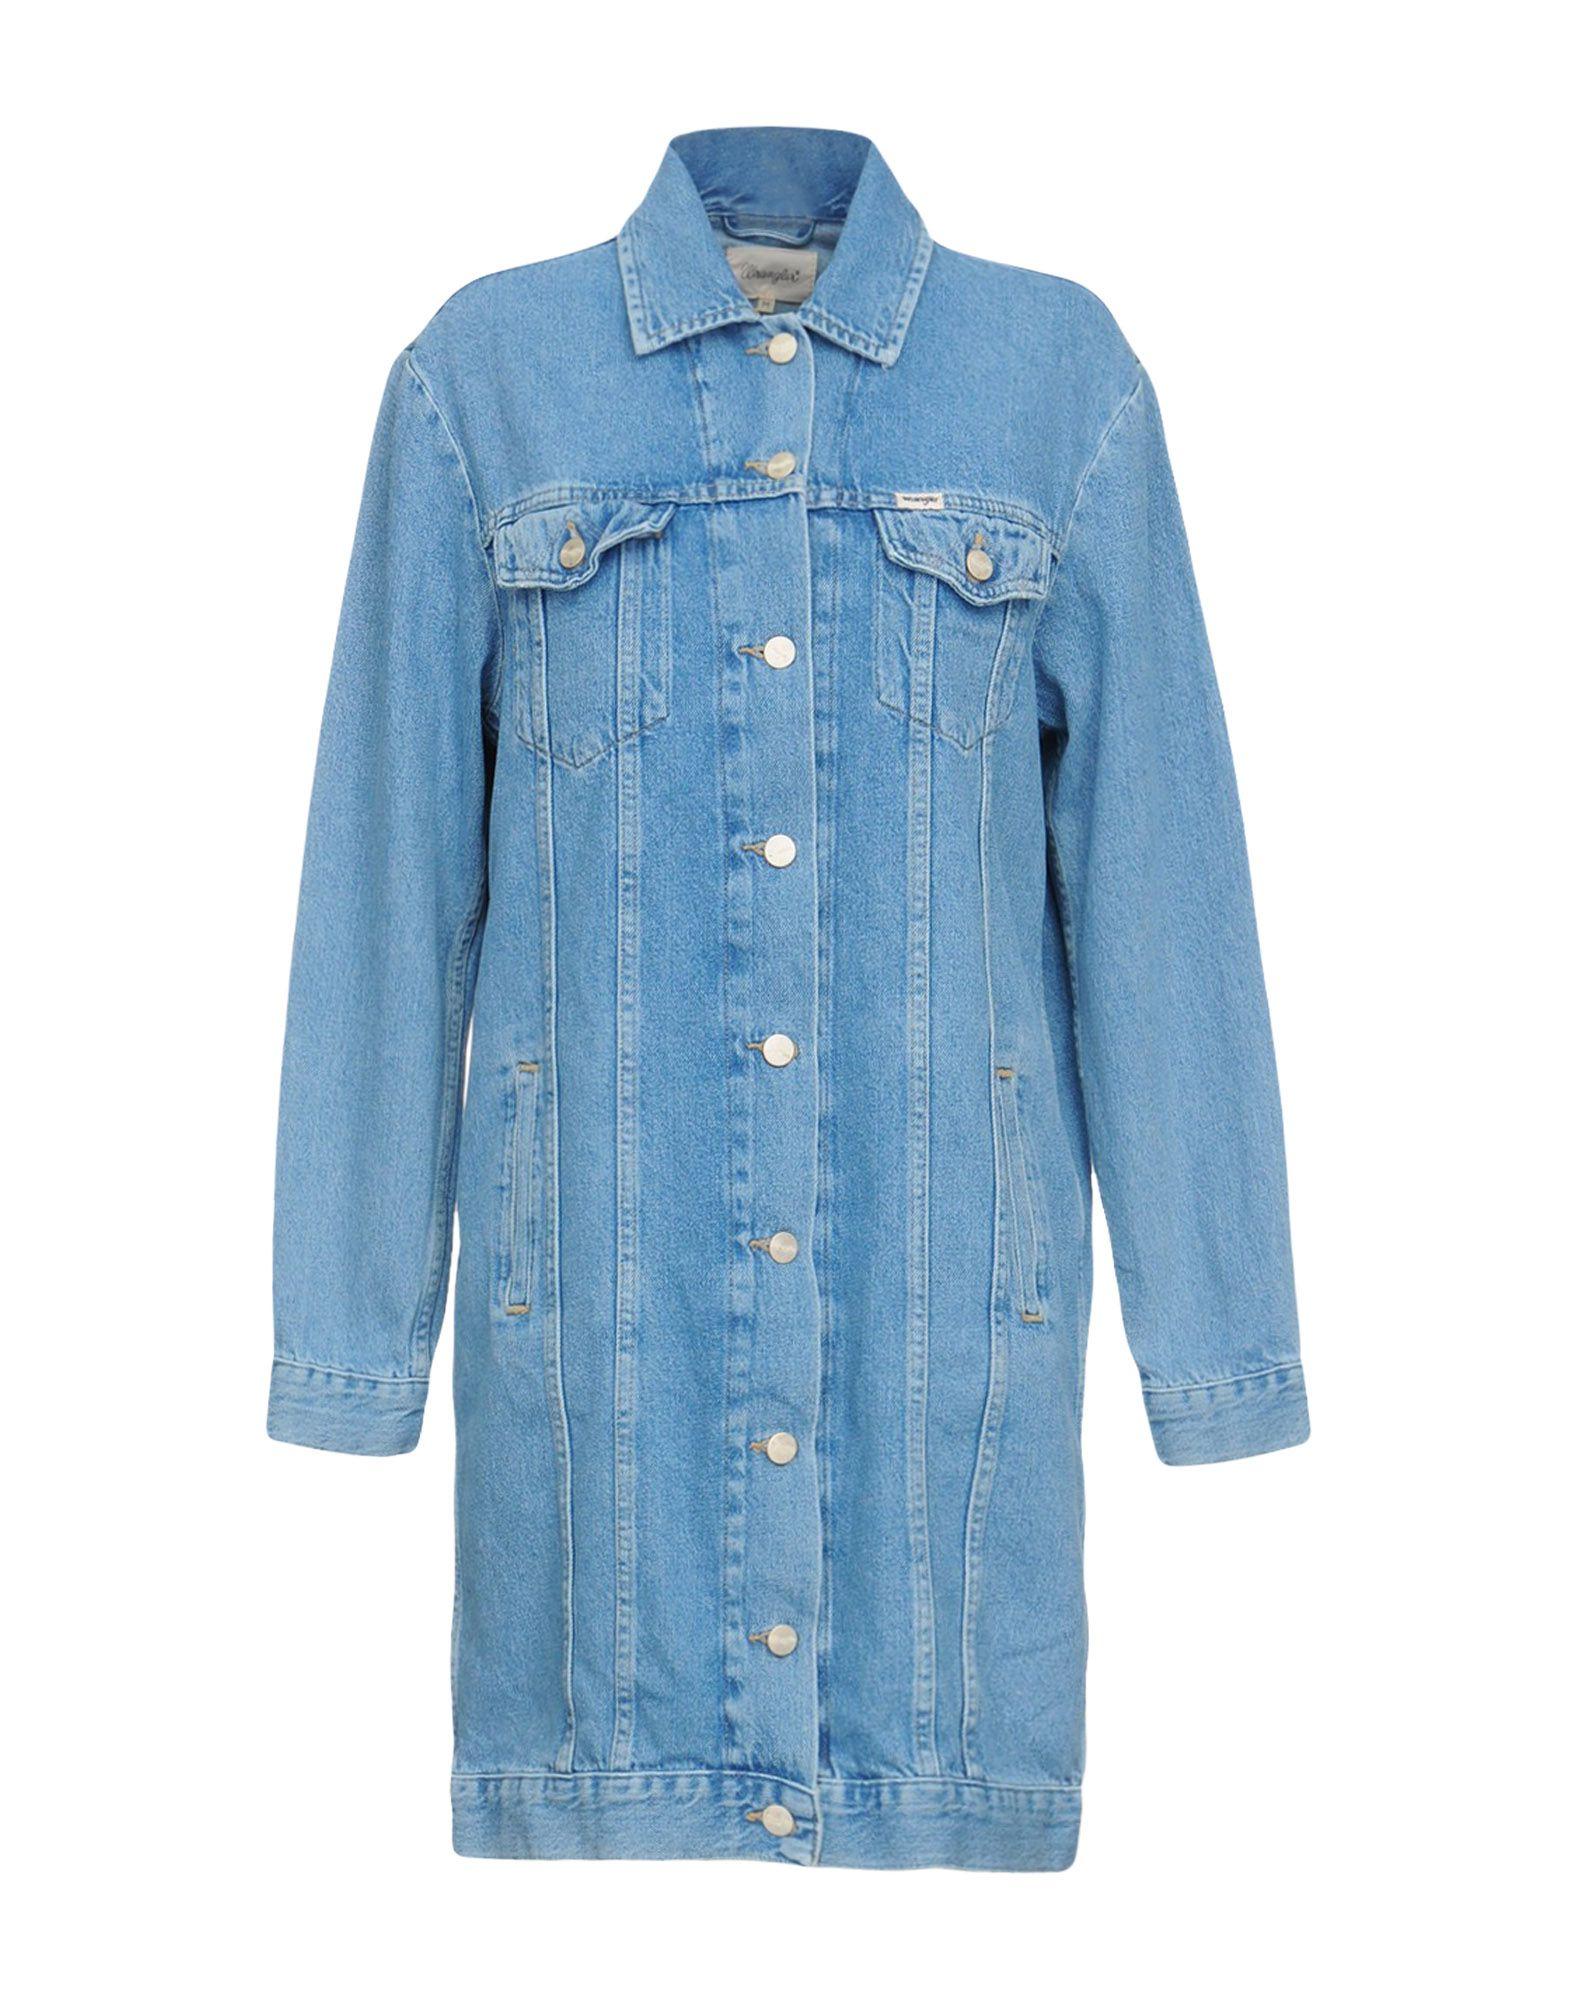 WRANGLER Джинсовая верхняя одежда брендовая одежда